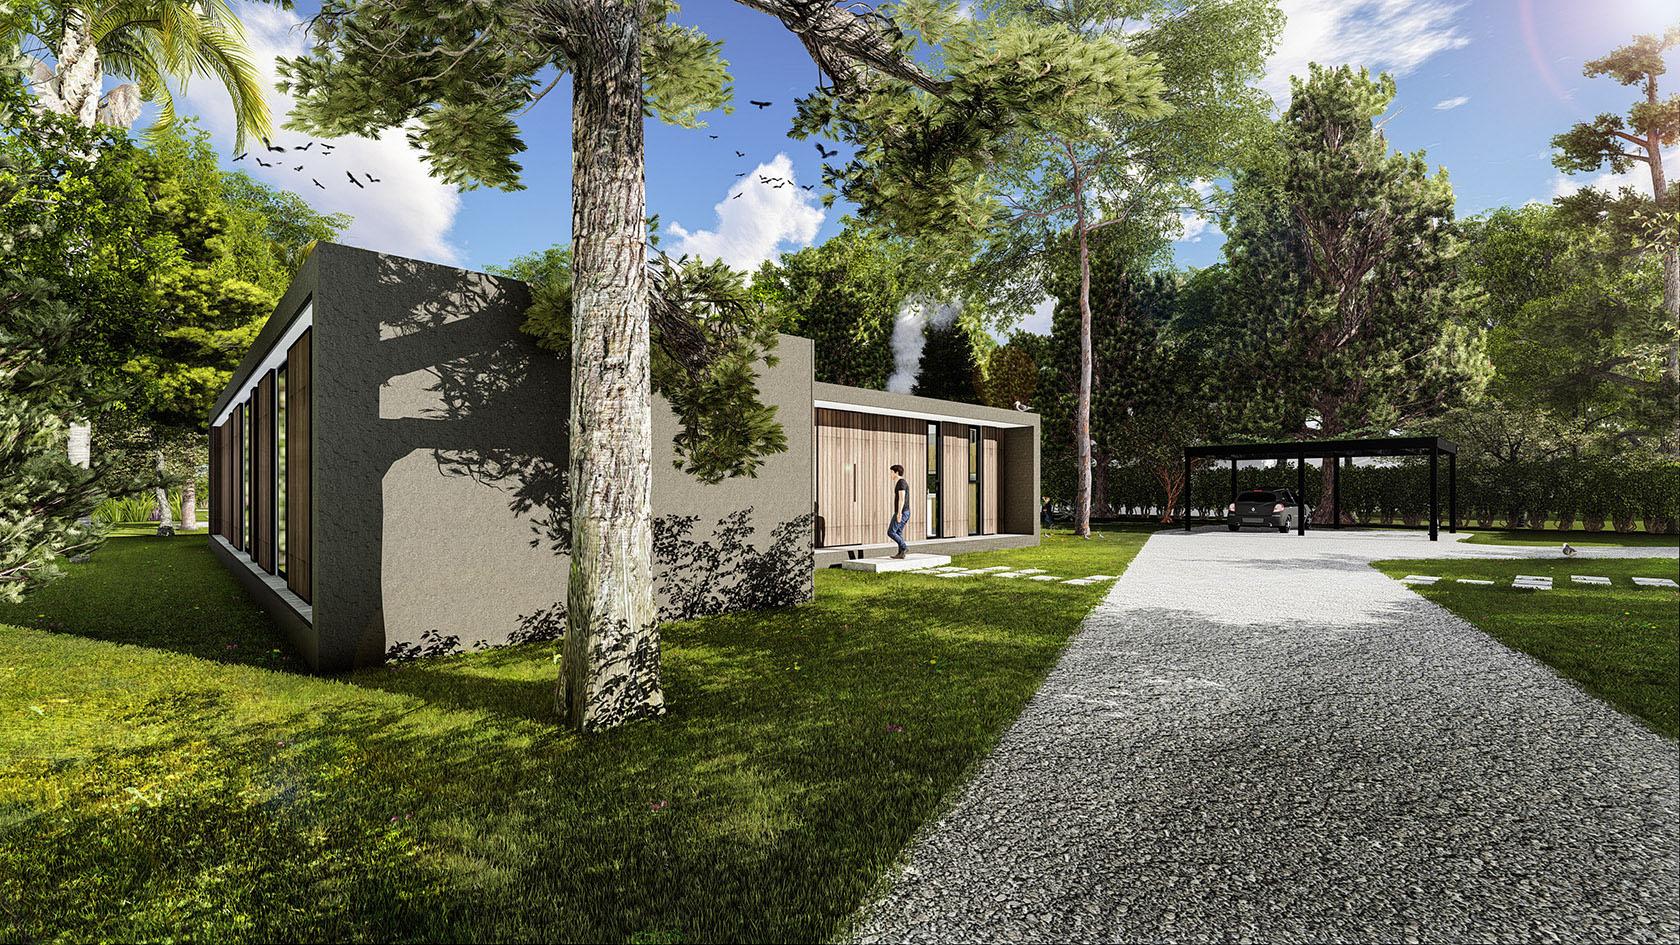 Casas en una sola planta, casas minimalistas